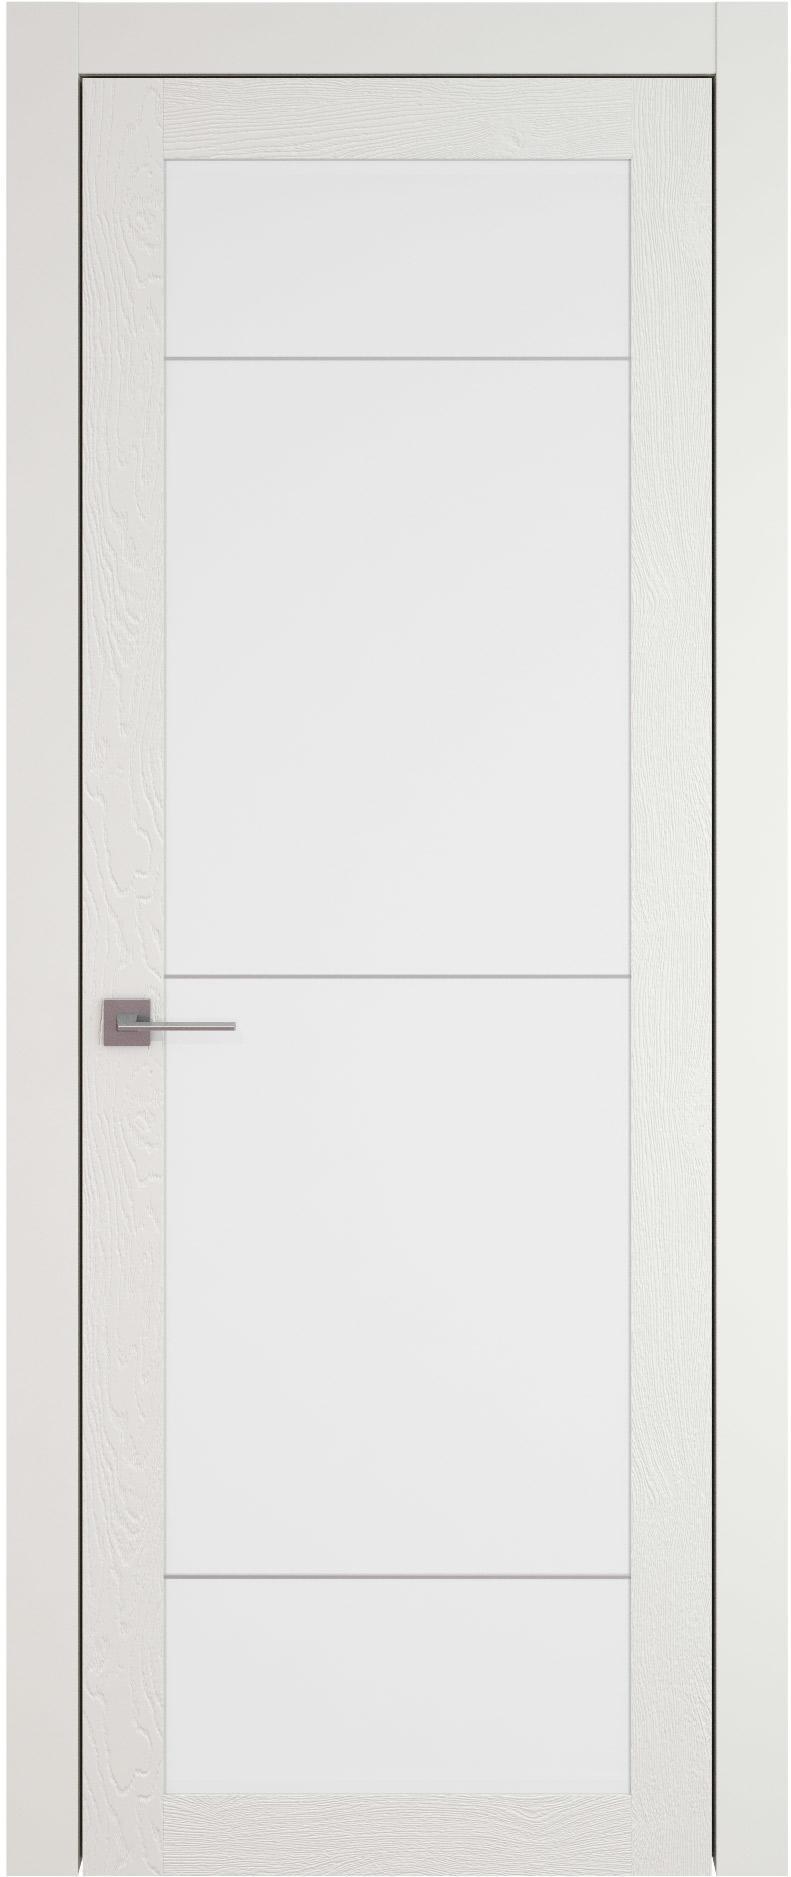 Tivoli З-3 цвет - Бежевая эмаль по шпону (RAL 9010) Со стеклом (ДО)